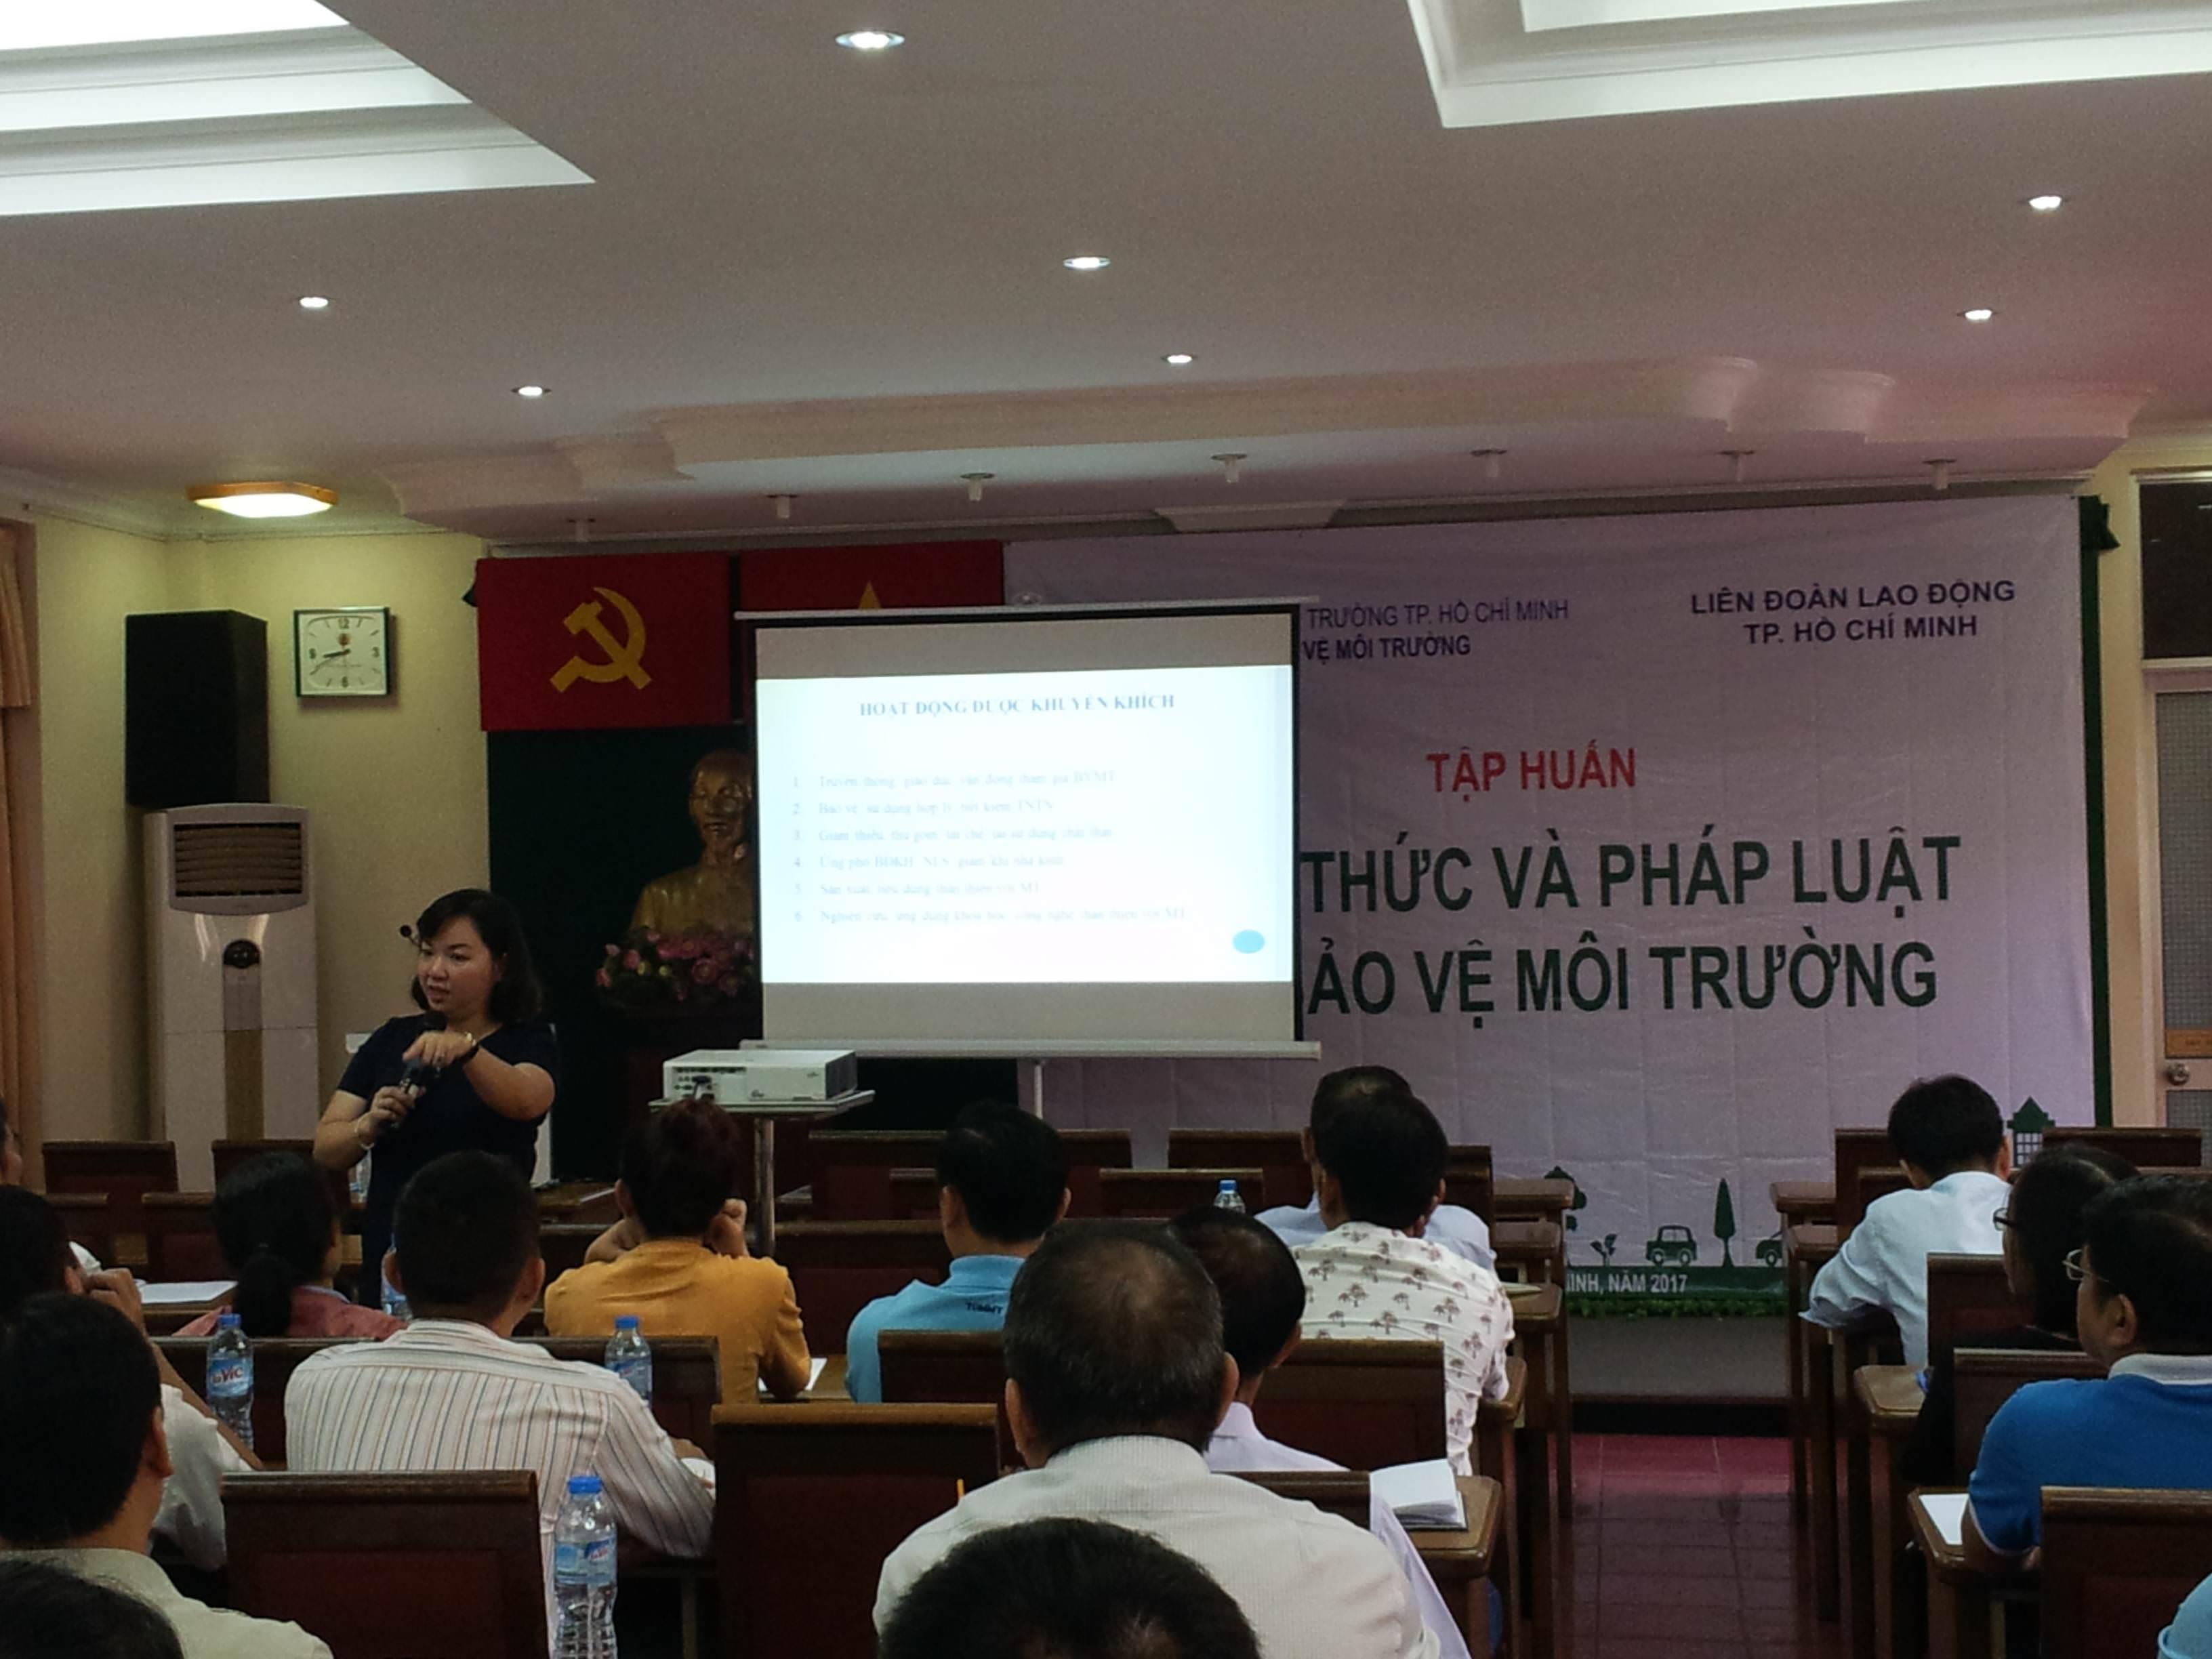 Buổi tập huấn kiến thức bảo vệ môi trường tổ chức bởi Chi cụcBảo vệmôi trườngThành phố Hồ Chí Minh, thực hiện bởi Công ty Cổ phần Phát triển GRECO